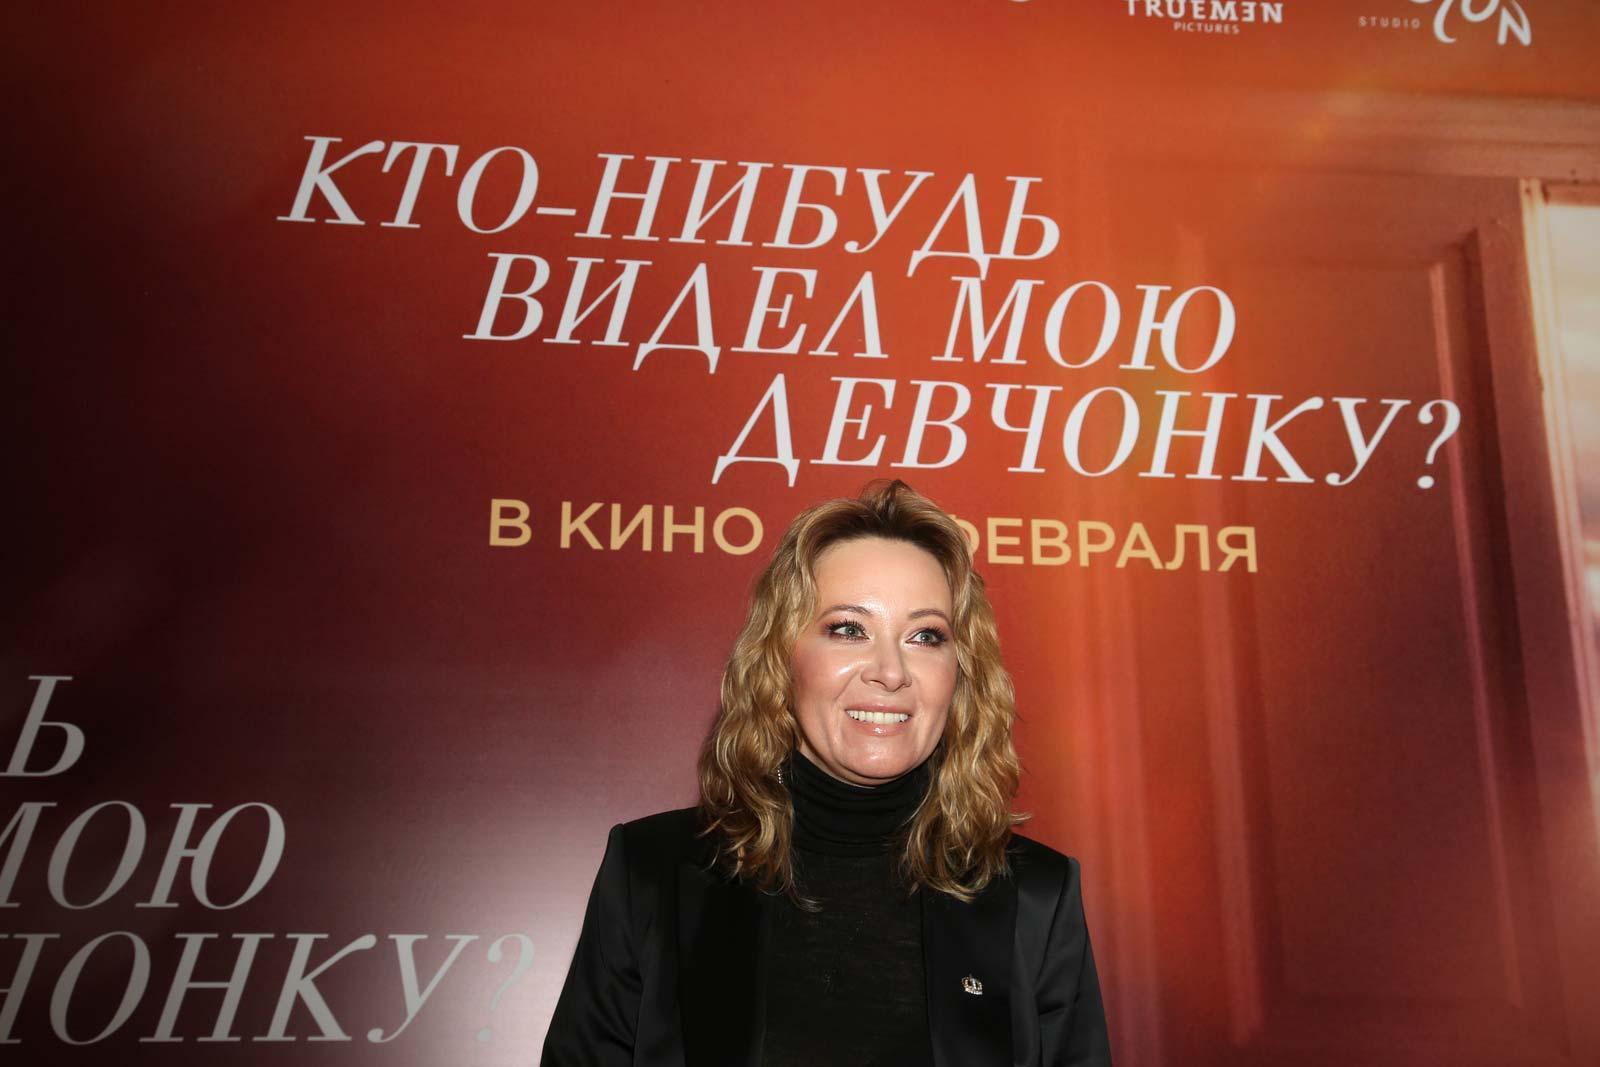 Бондарчук, Чиповская и Снигирь показали своих мужчин на светской премьере фильма «Кто-нибудь видел мою девчонку?»